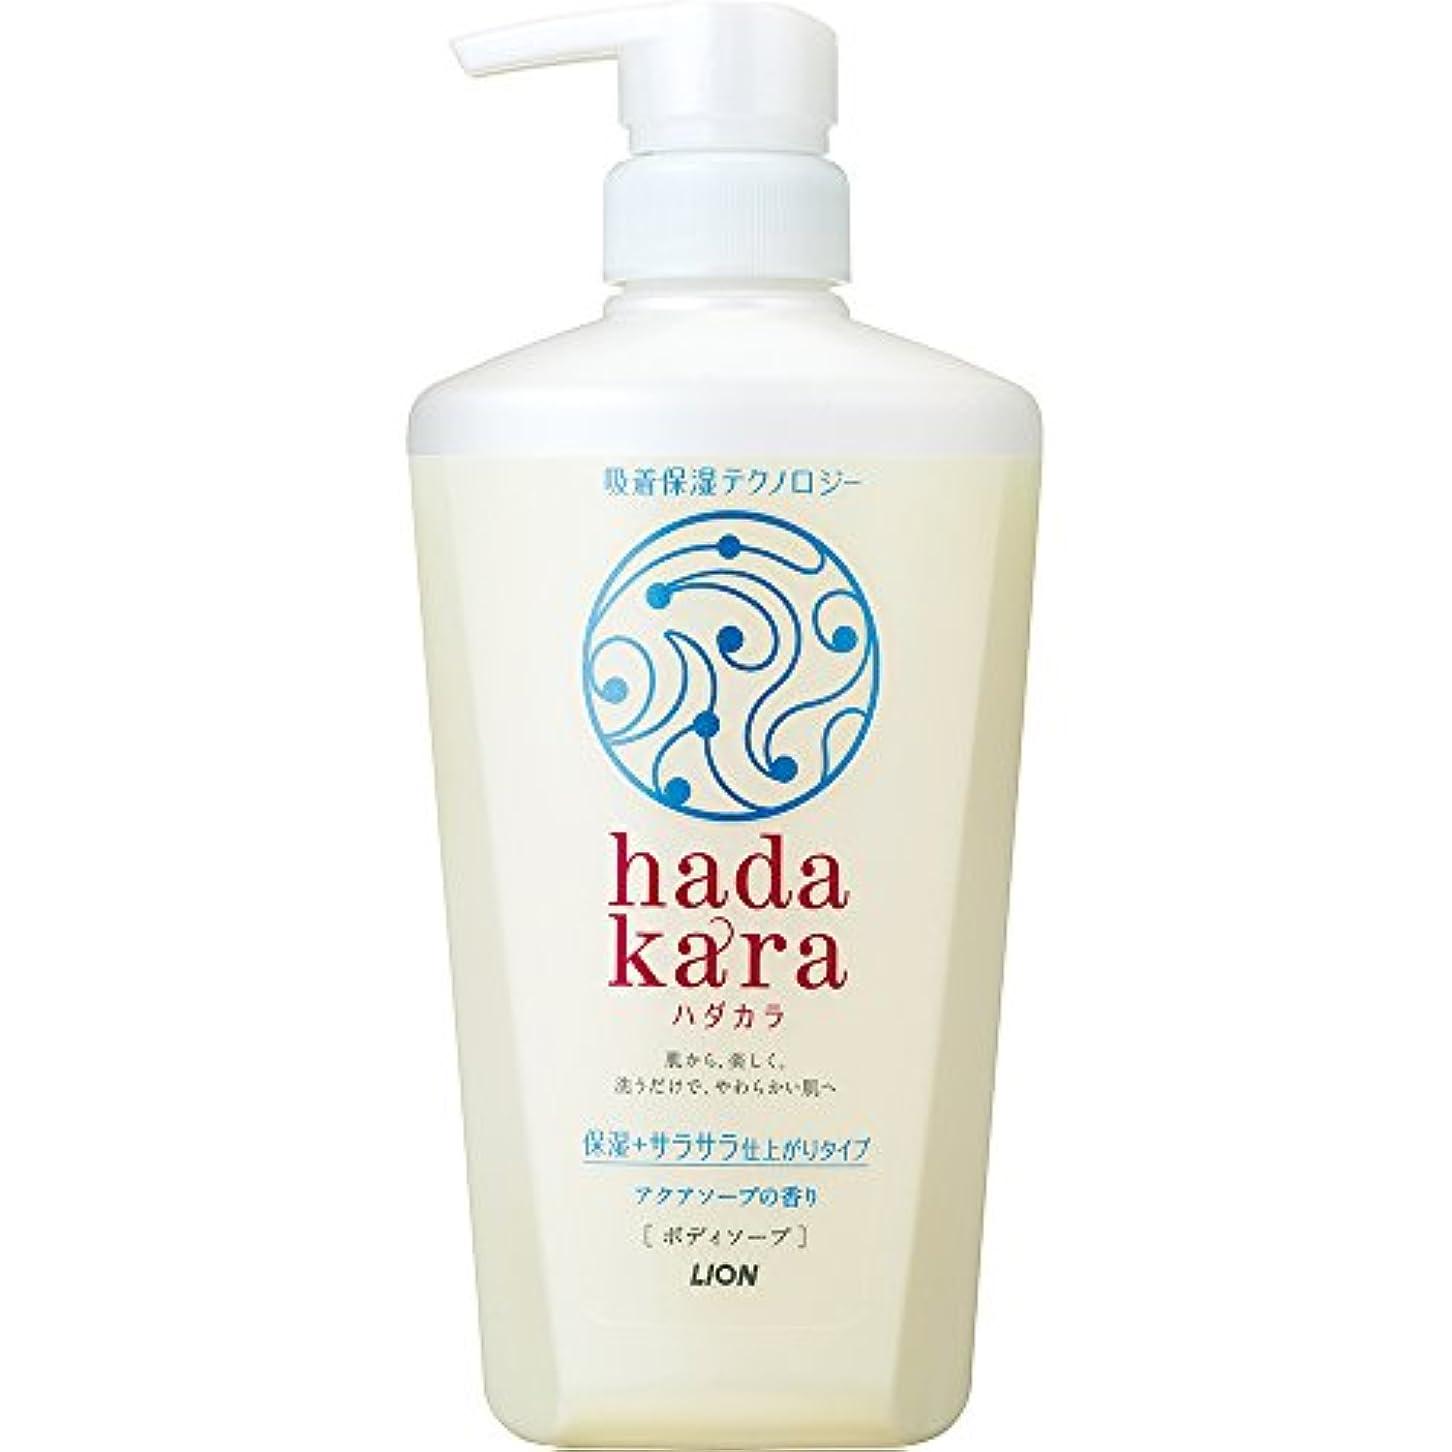 テンポ北東プレビスサイトhadakara(ハダカラ) ボディソープ 保湿+サラサラ仕上がりタイプ アクアソープの香り 本体 480ml